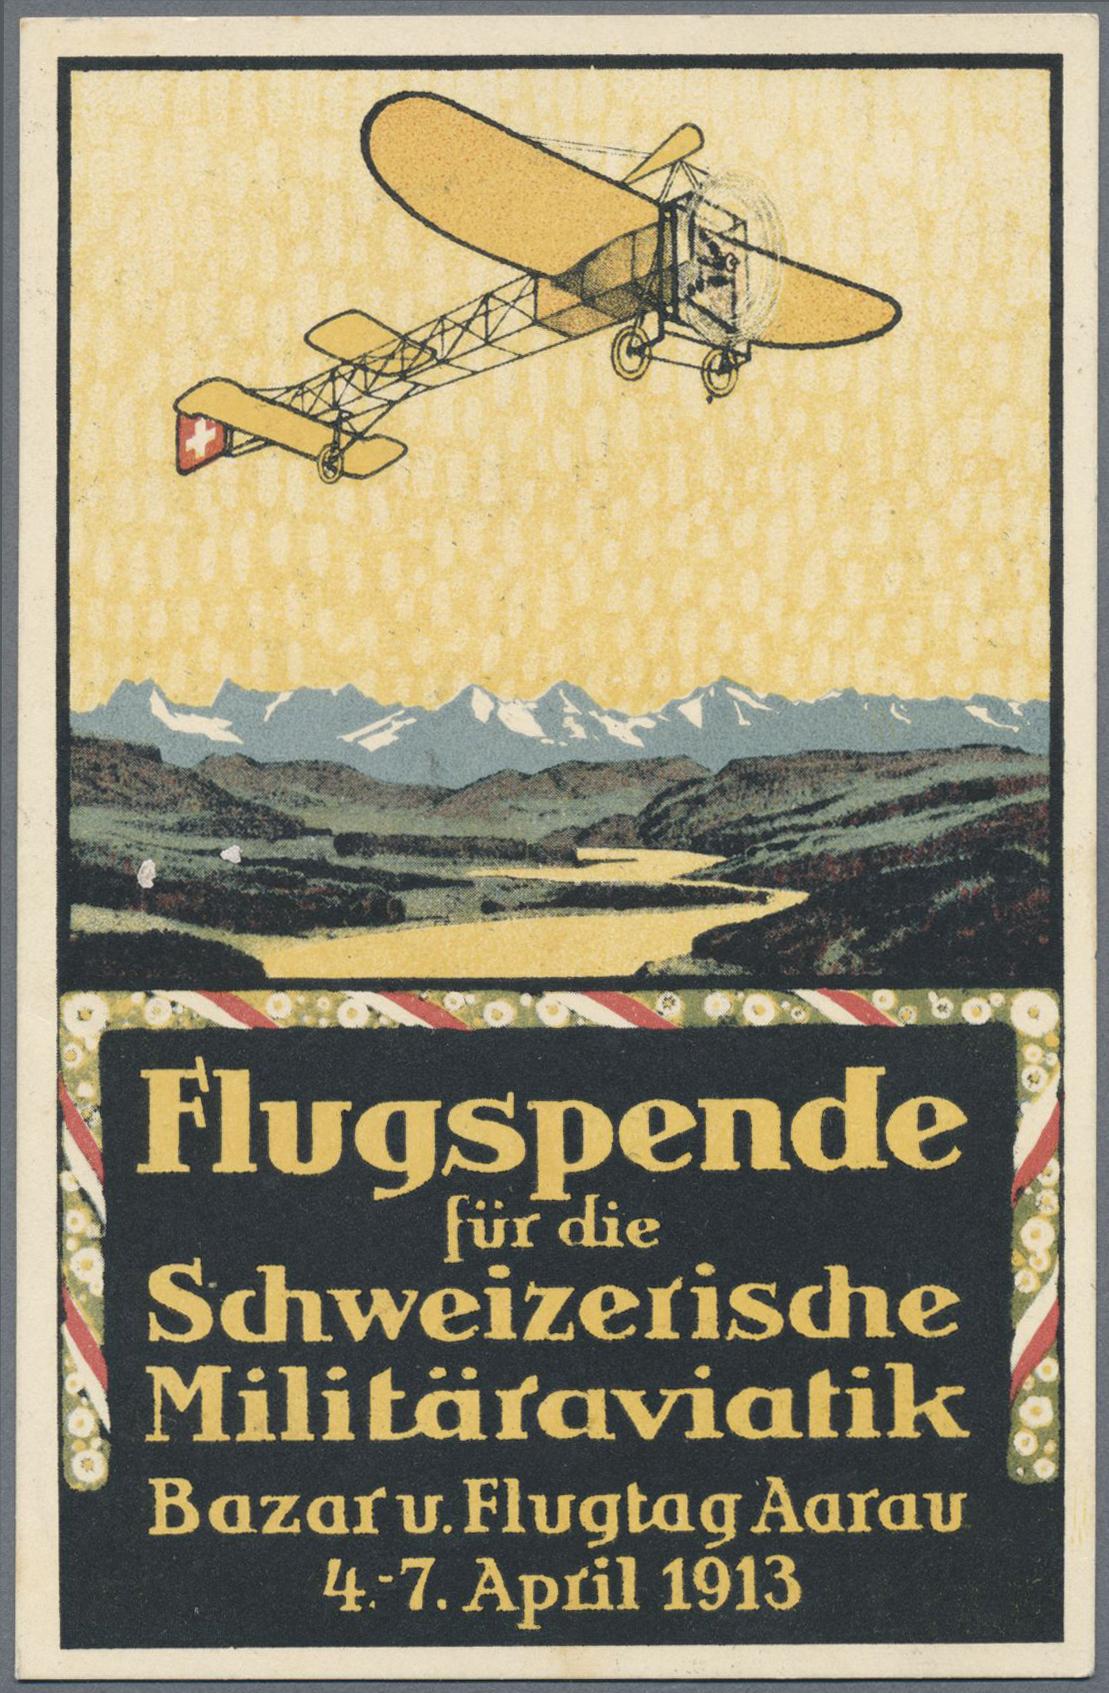 Lot 18971 - Schweiz - Halbamtliche Flugmarken  -  Auktionshaus Christoph Gärtner GmbH & Co. KG Single lots Philately Overseas & Europe. Auction #39 Day 4